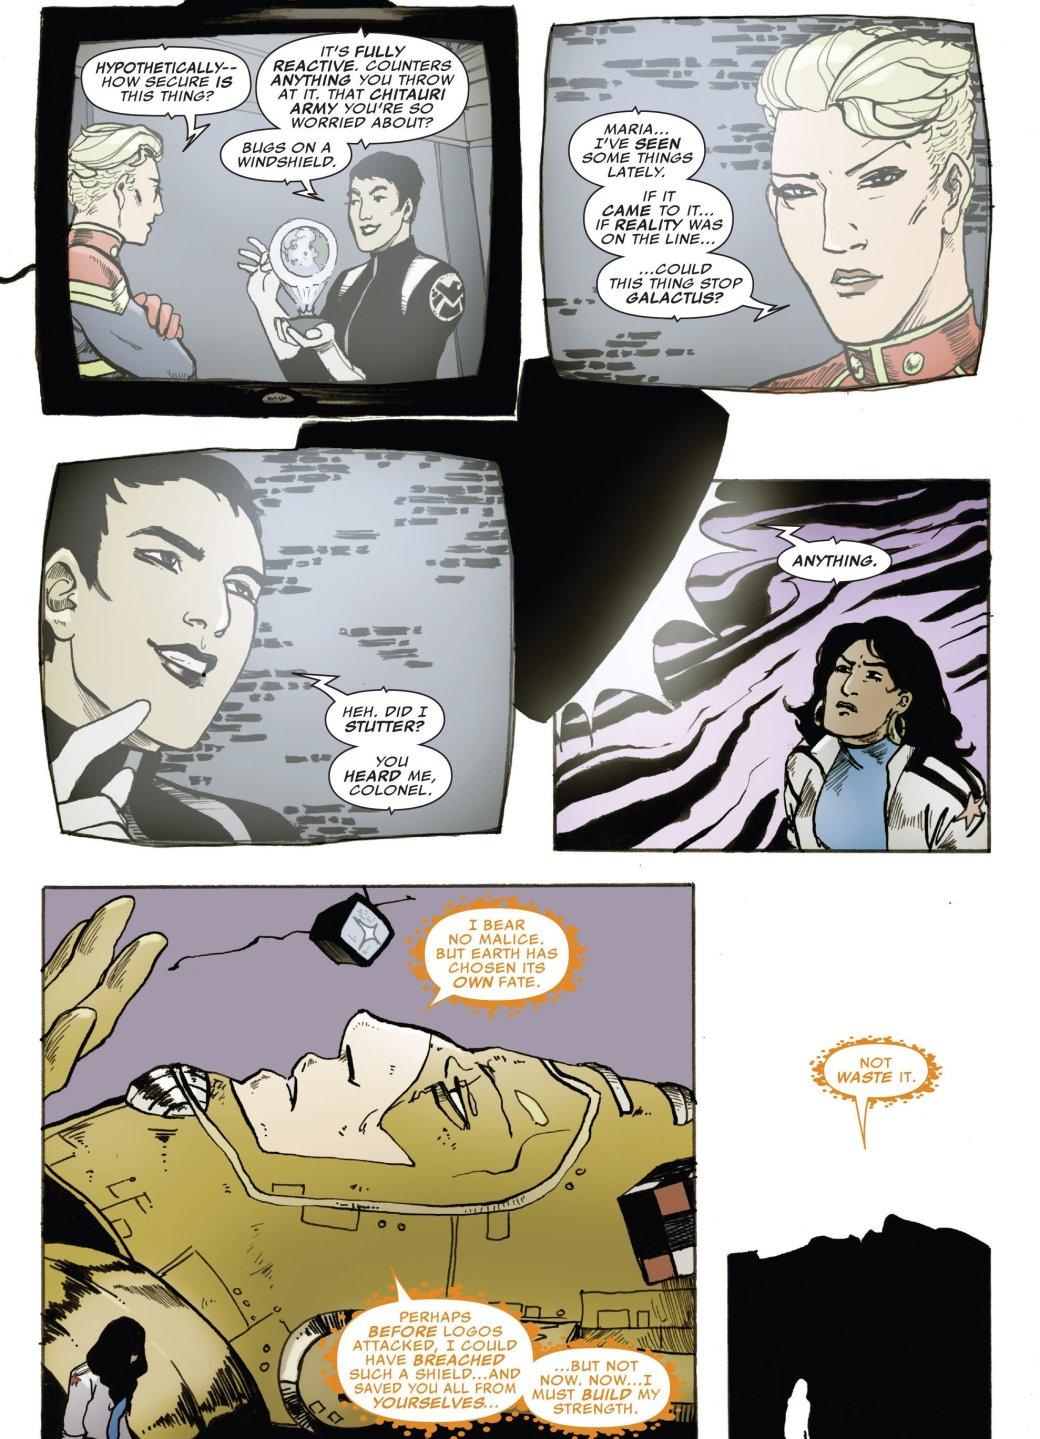 Secret Empire: Гидра сломала супергероев, и теперь они готовы убивать. - Изображение 19